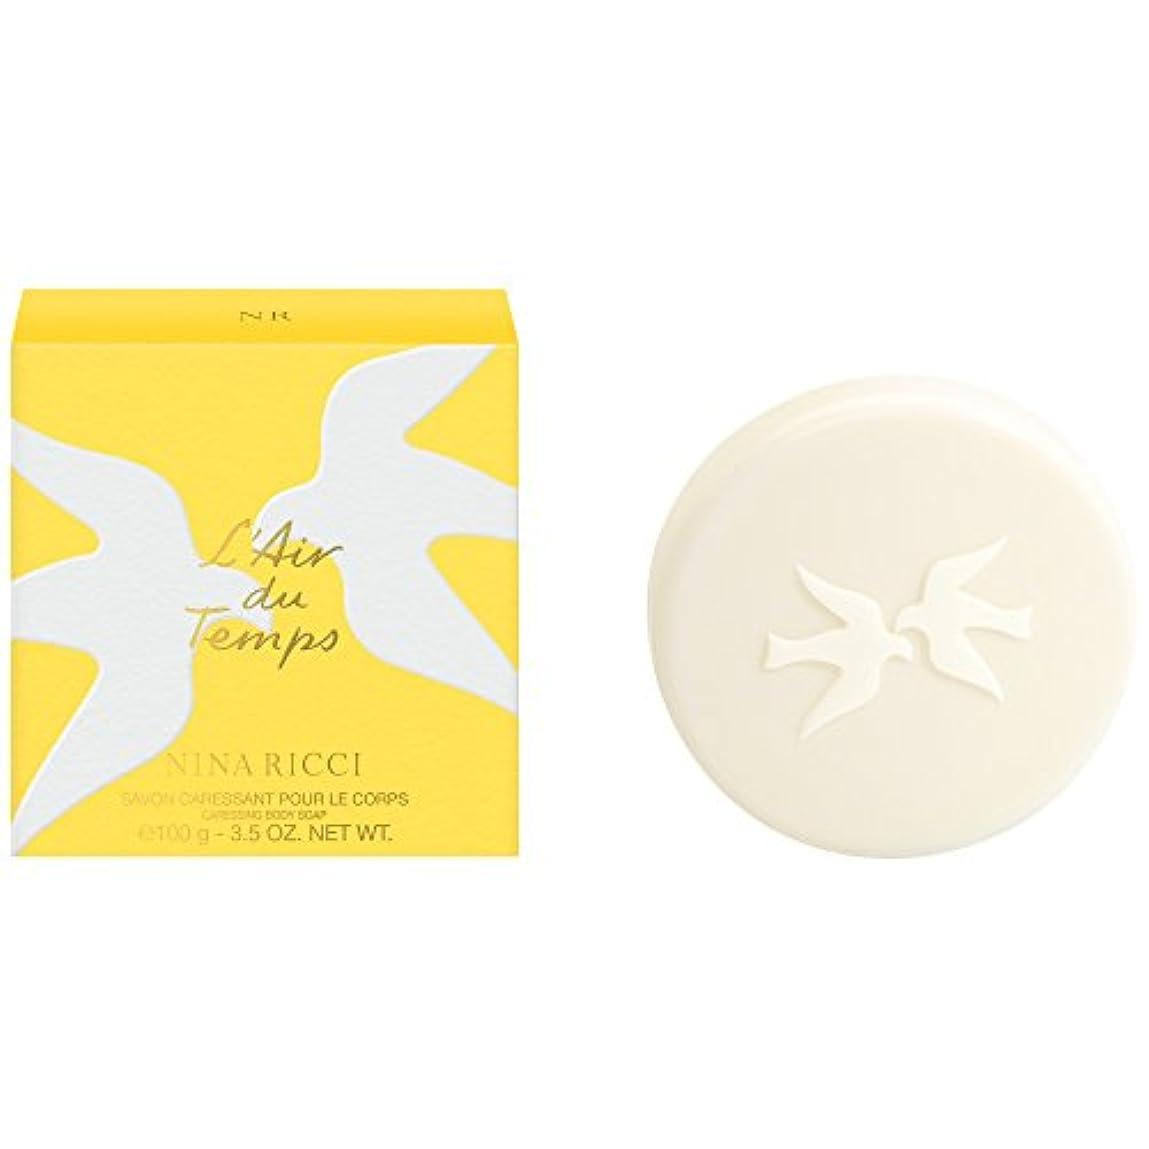 塗抹匿名ゆりかごニナリッチL'空気デュは石鹸の100グラムをタン (Nina Ricci) (x2) - Nina Ricci L'Air du Temps Soap 100g (Pack of 2) [並行輸入品]